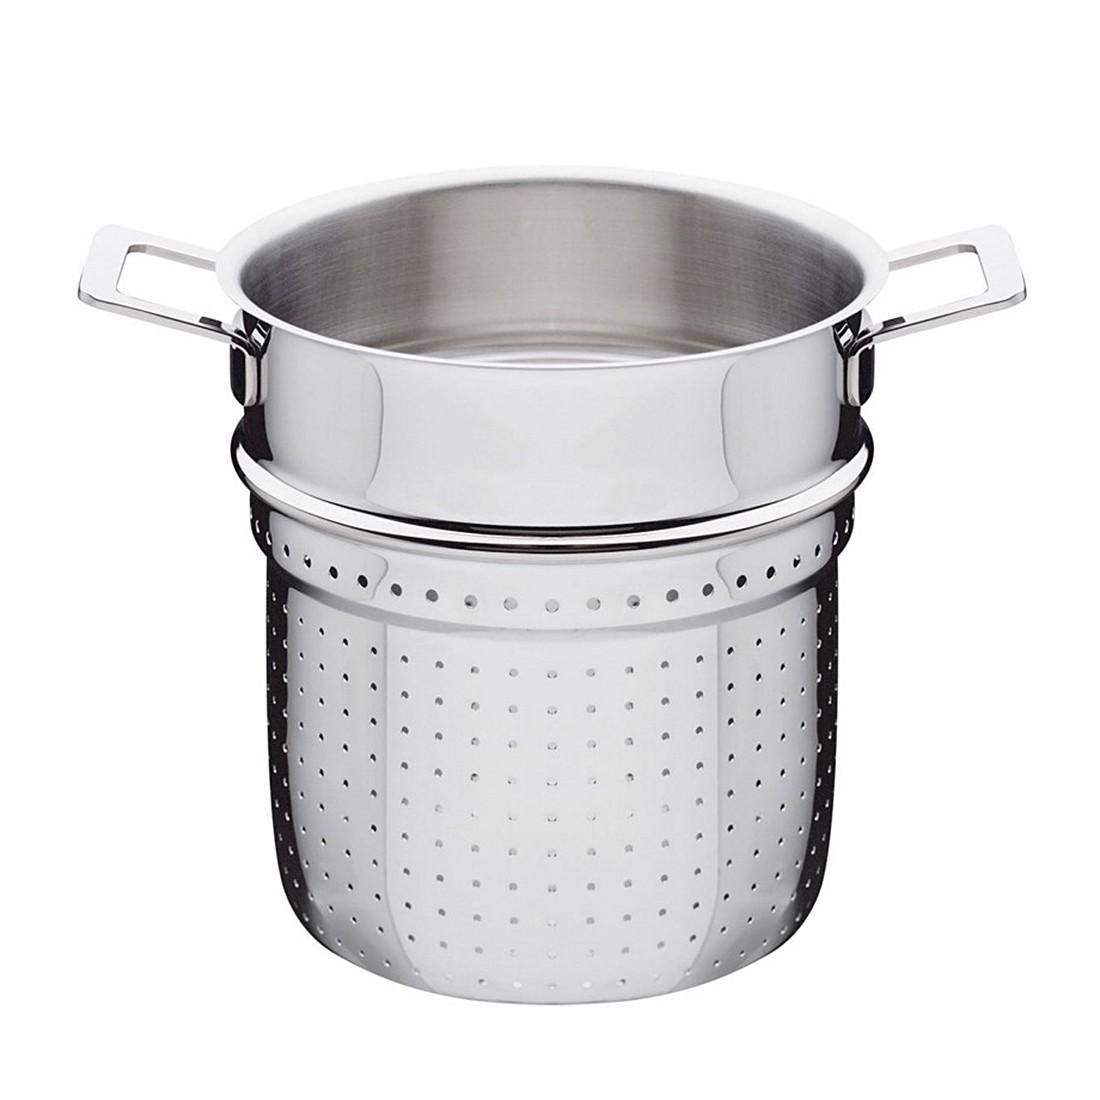 Siebeinsatz Pots & Pans – glänzend poliert, Alessi online bestellen